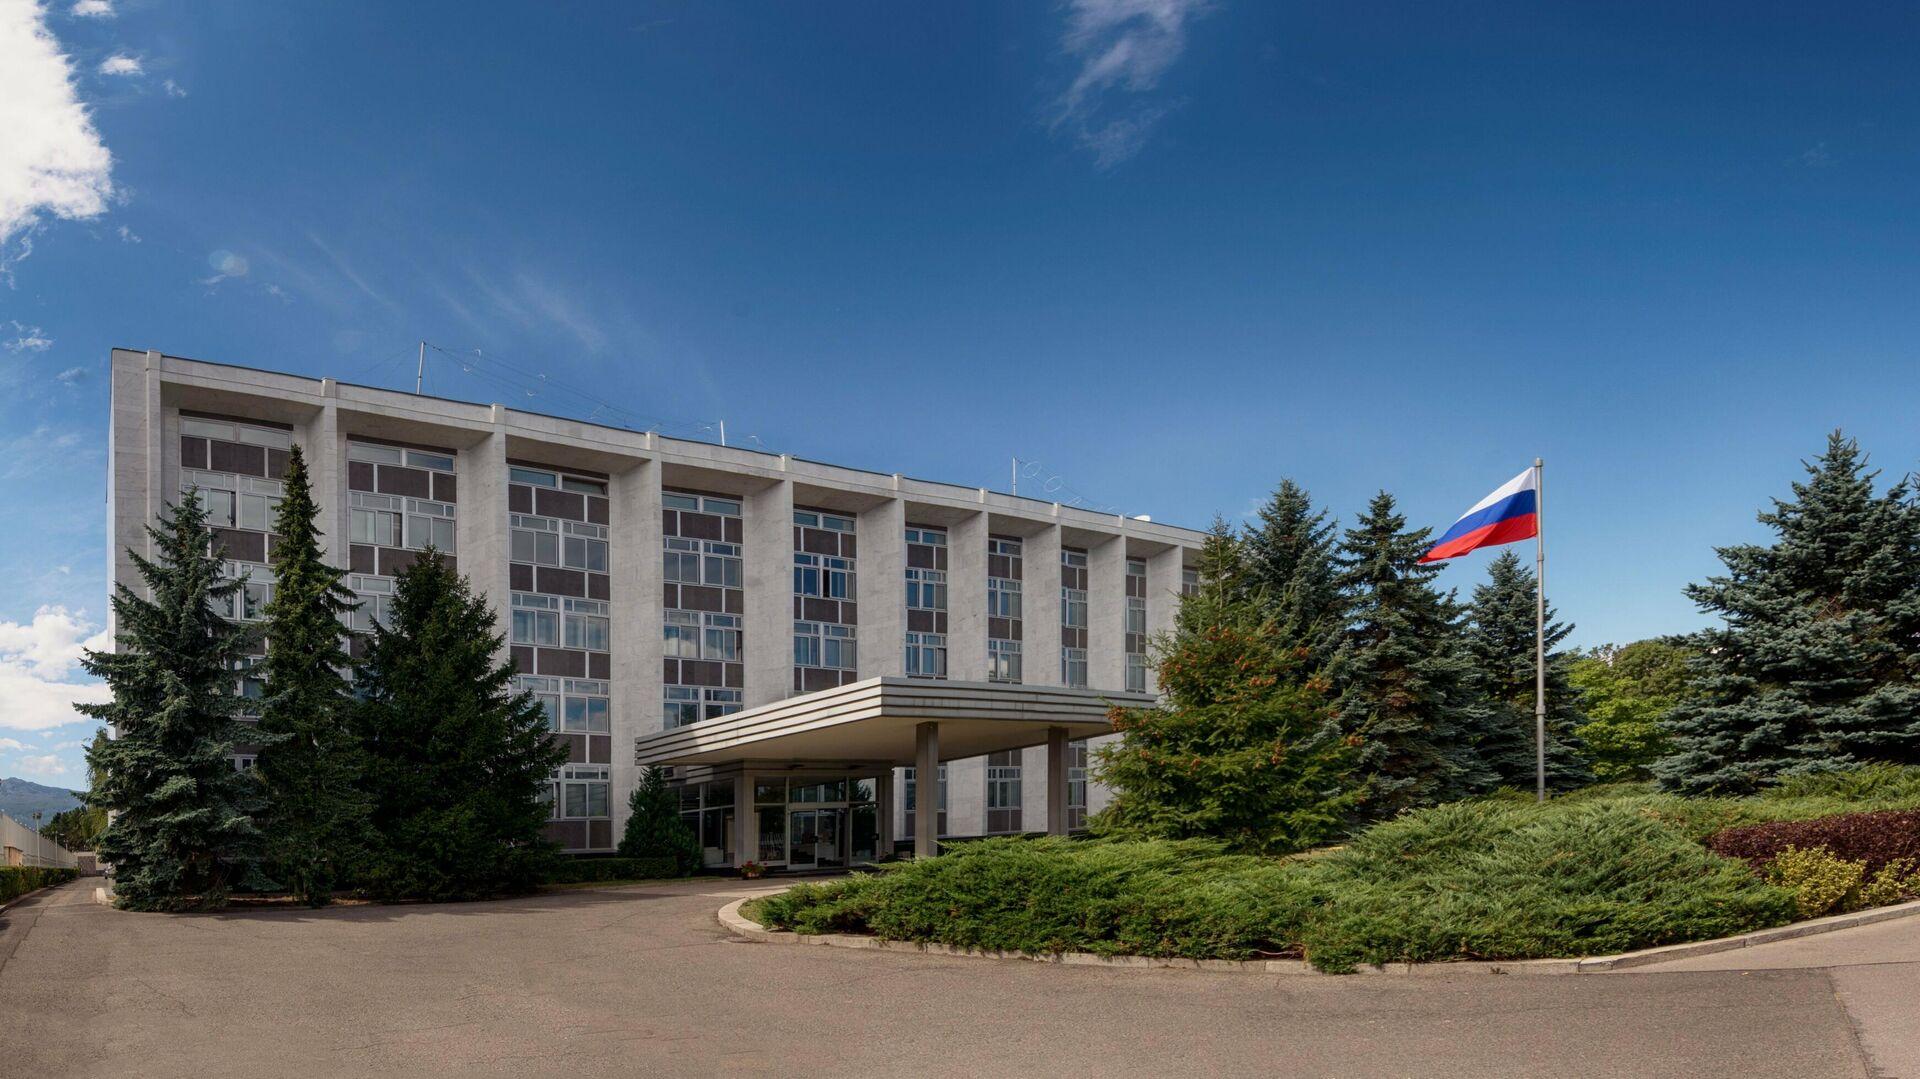 Здание Посольства Российской Федерации в Болгарии - РИА Новости, 1920, 22.03.2021